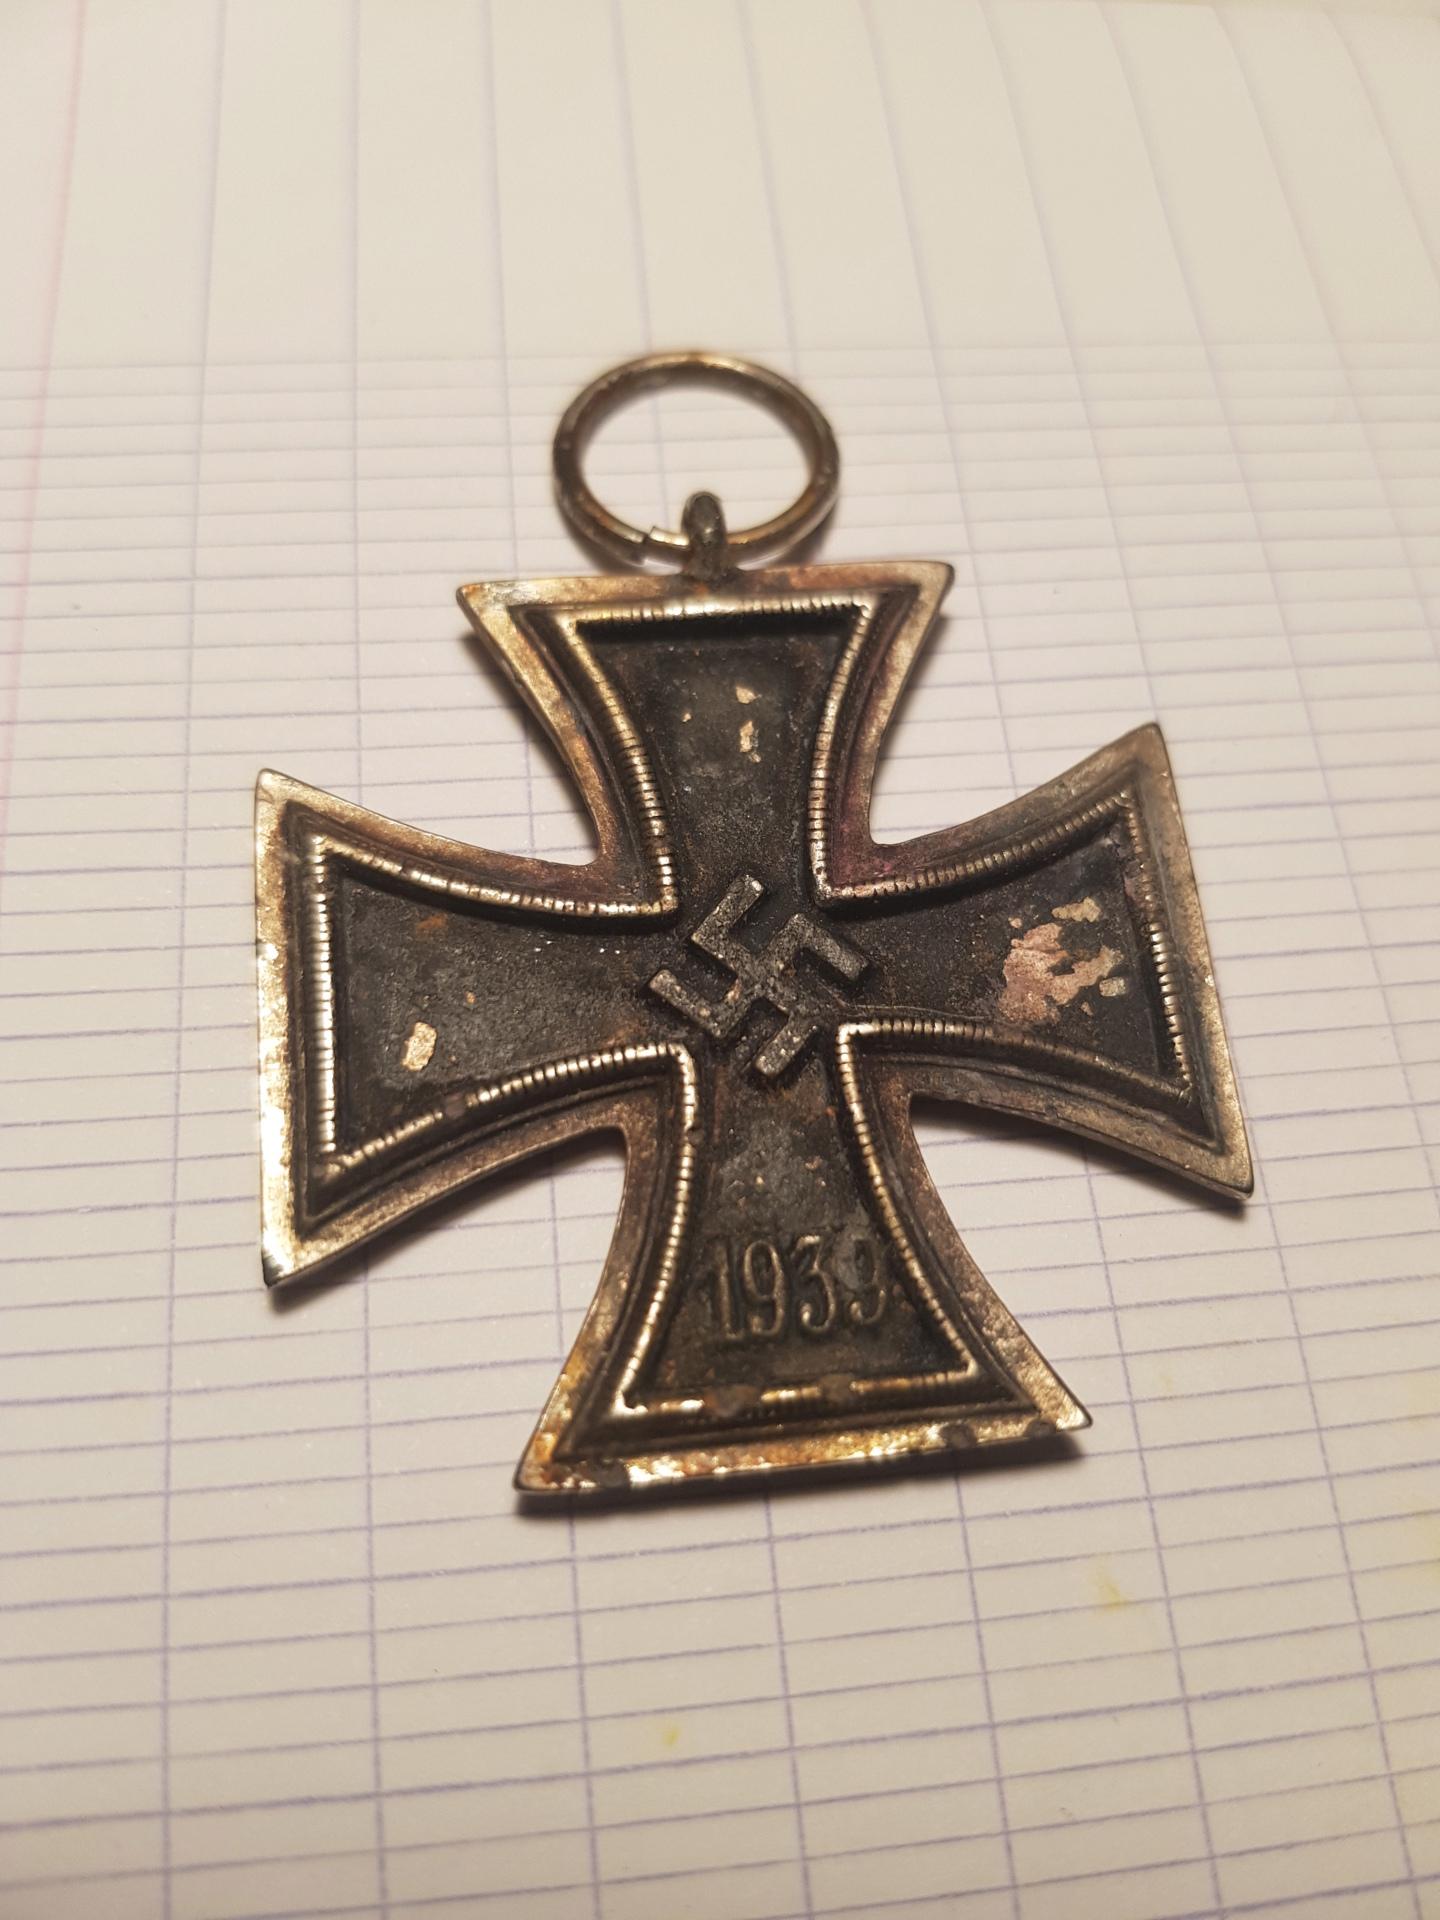 Authentification croix de fer ww2 20190615